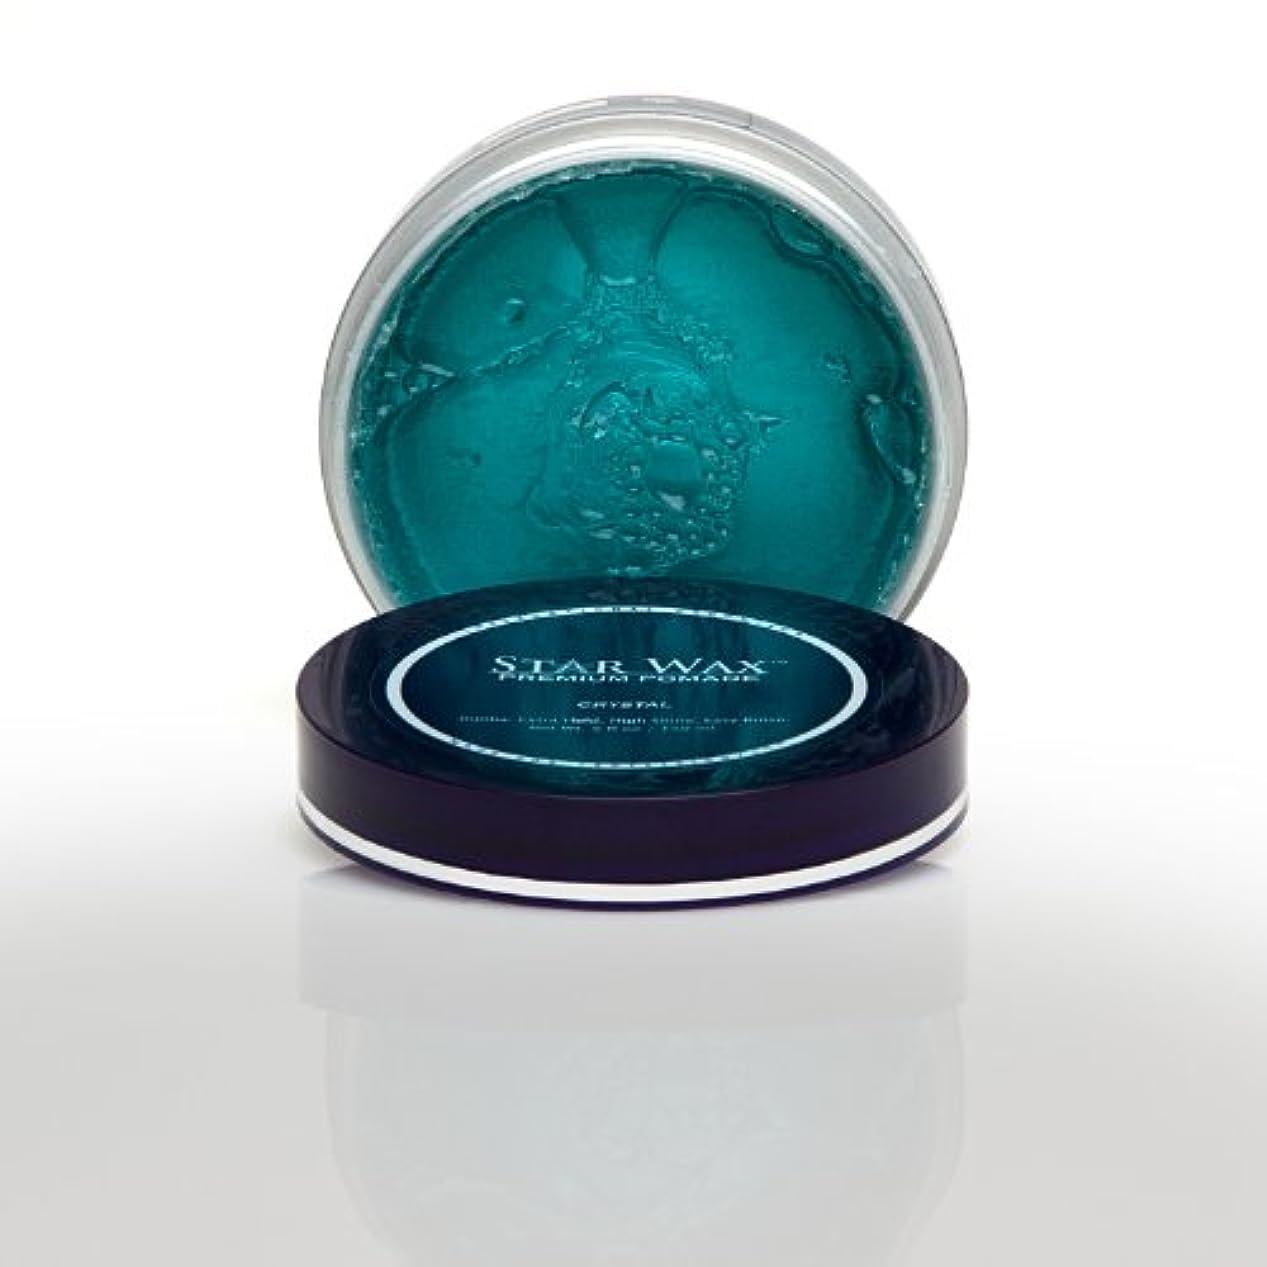 起きる竜巻クールStar Wax | Premium Pomade, Crystal(スターワックスプレミアム ポマード「クリスタル」)?Star Pro Line(スタープロライン)製?5(液量)オンス/150ml